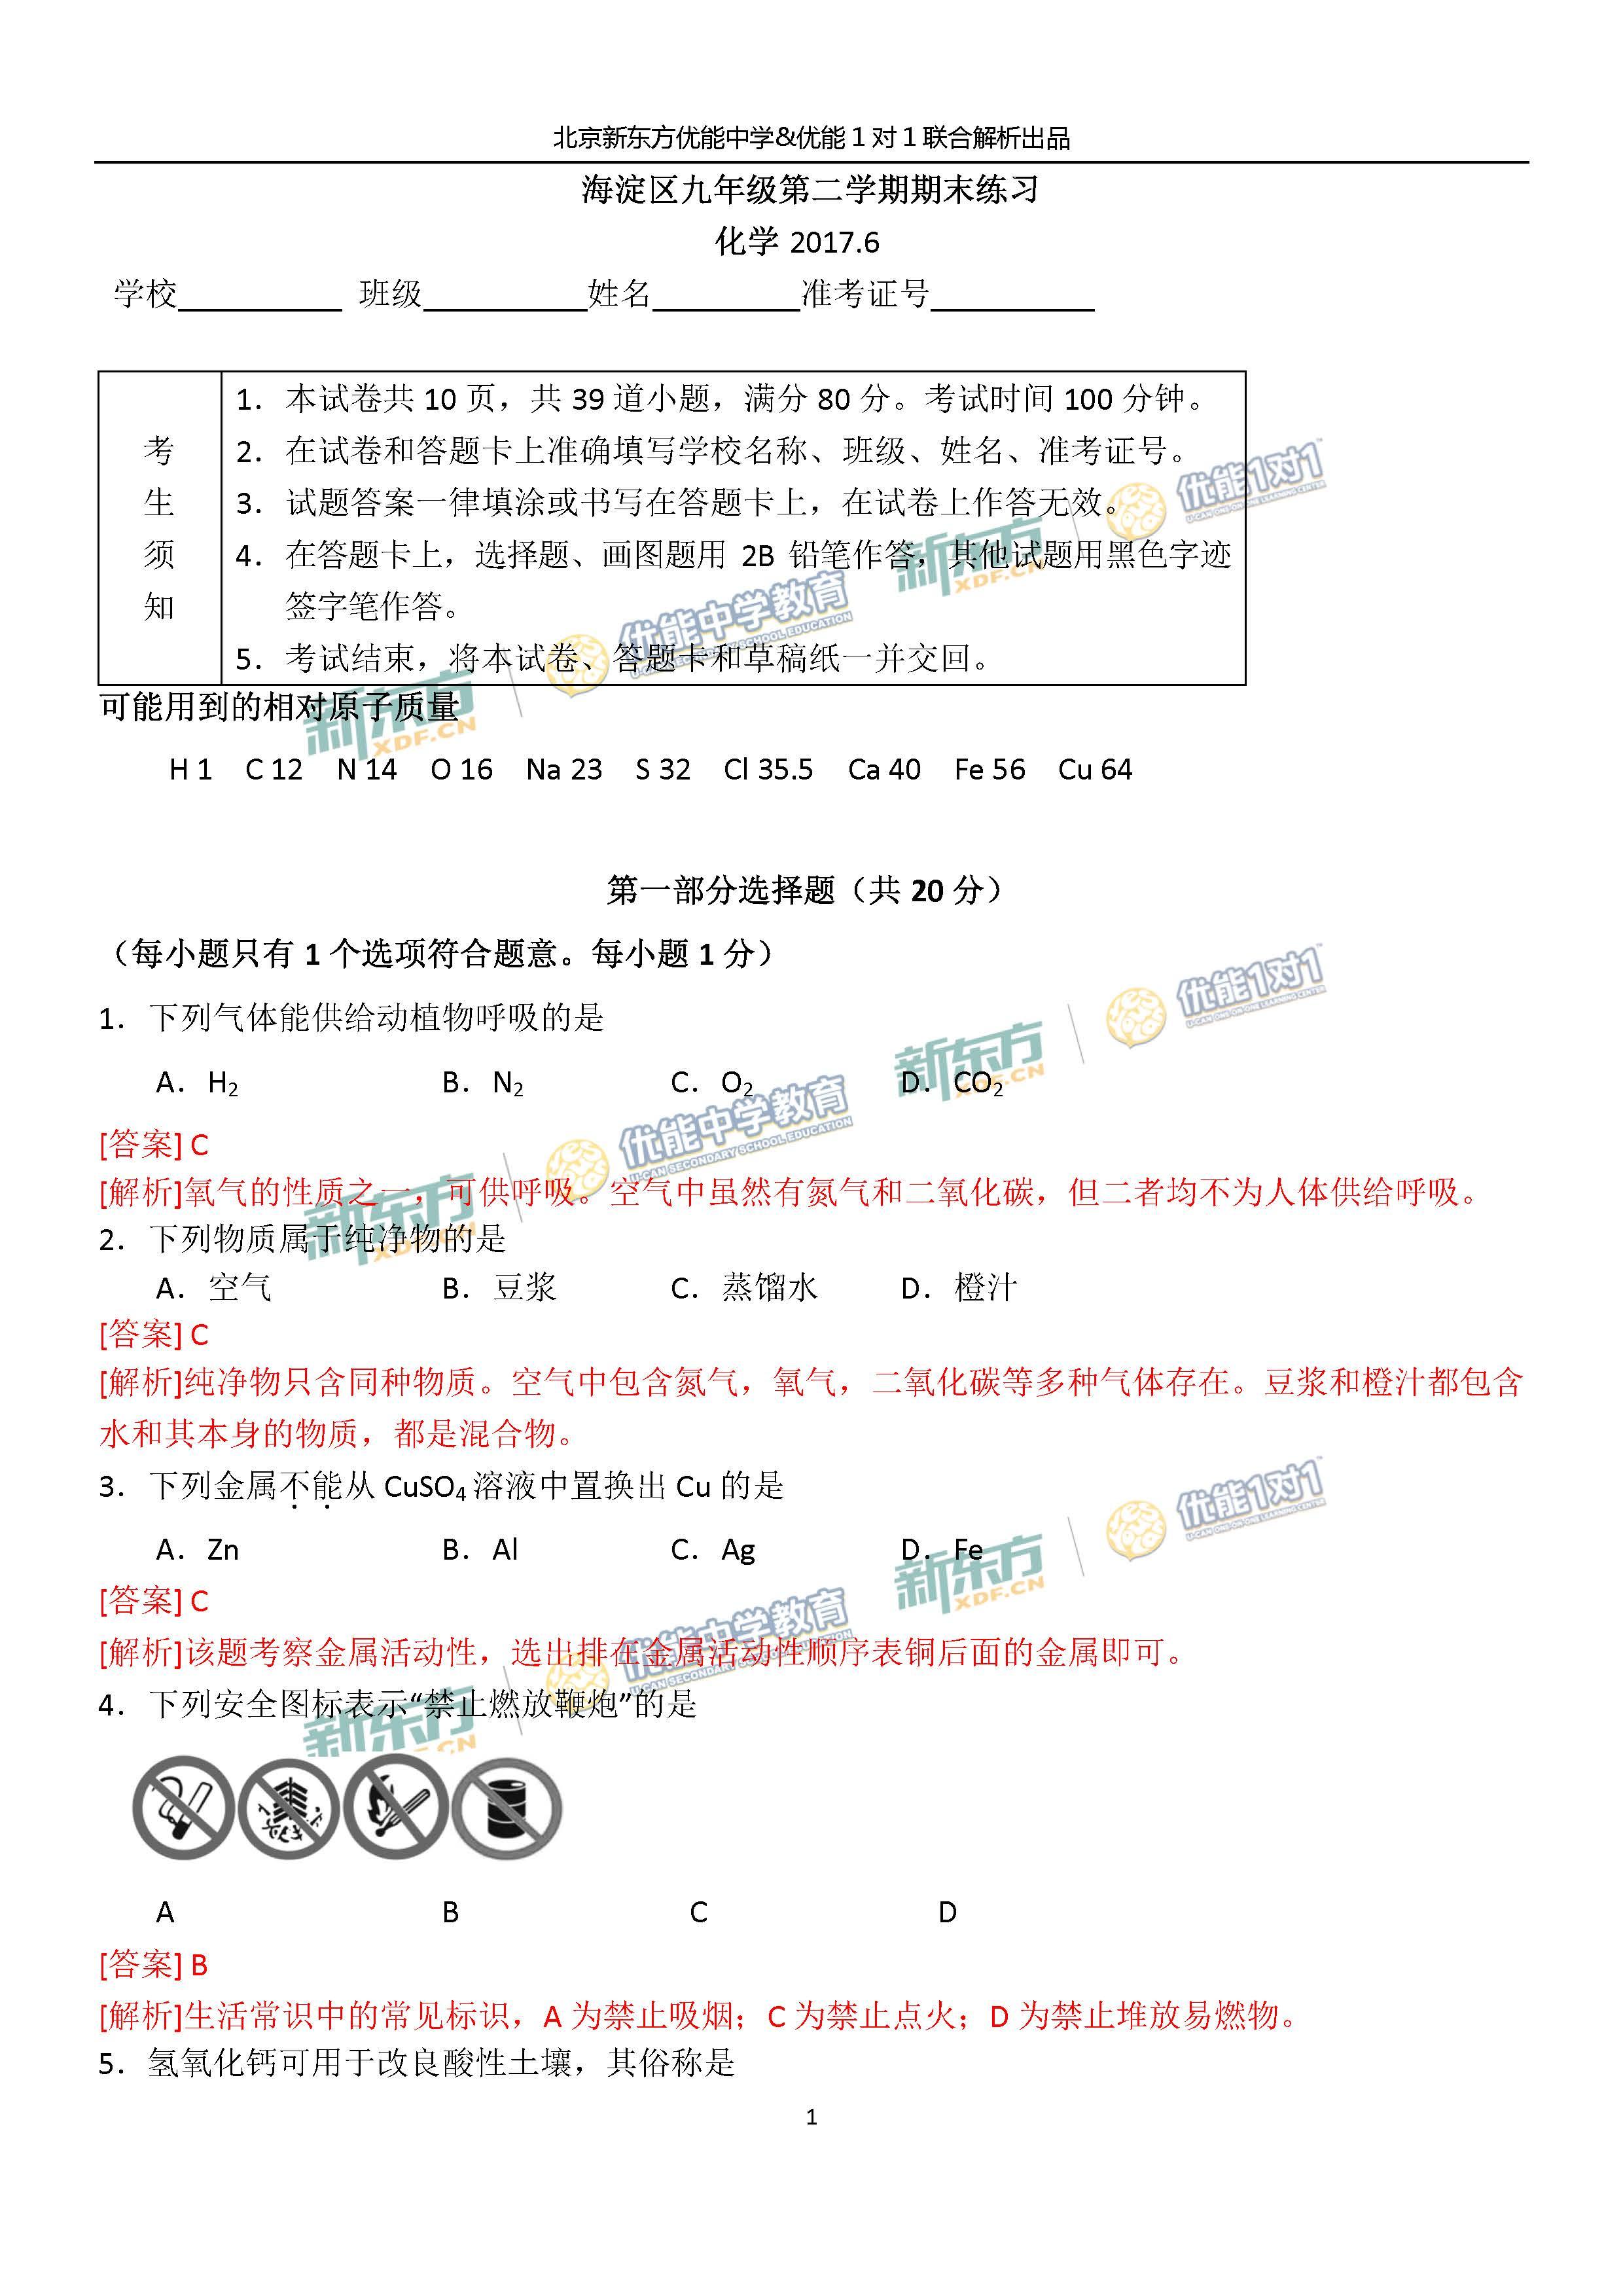 新东方优能名师逐题解析2017海淀区初三二模化学答案(图片版)